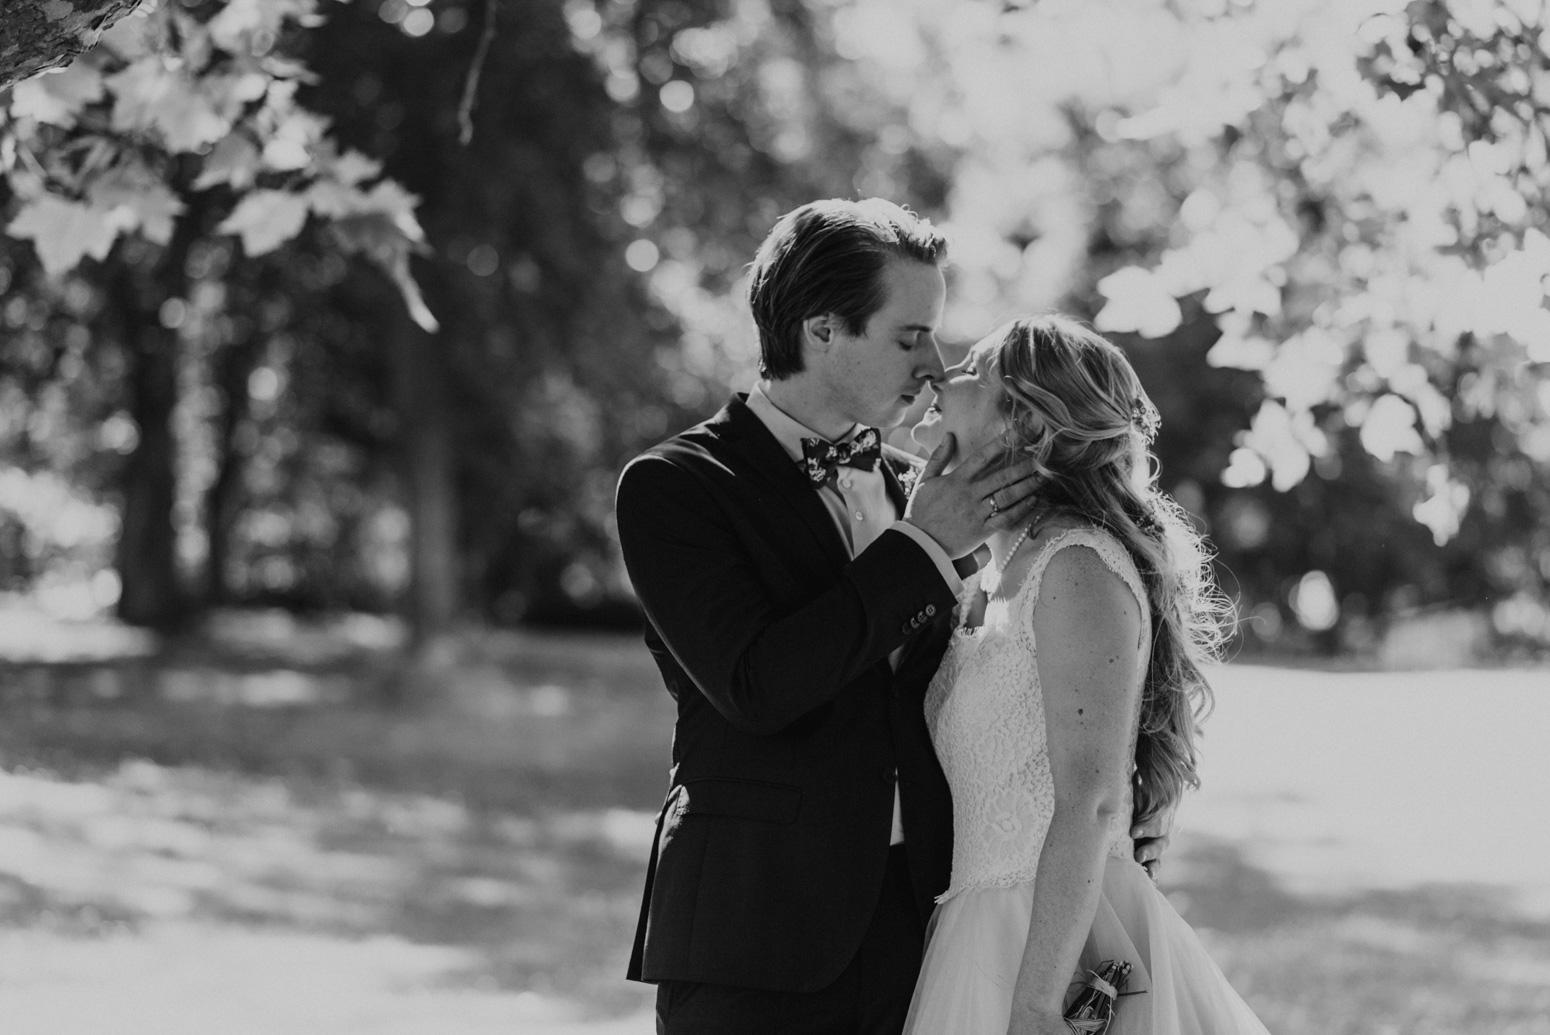 Kuss des Brautpaares beim Brautpaarshooting im Redoutenpark. Hochzeitsfotografin Daria Becker von Genuine Bonds aus Bonn